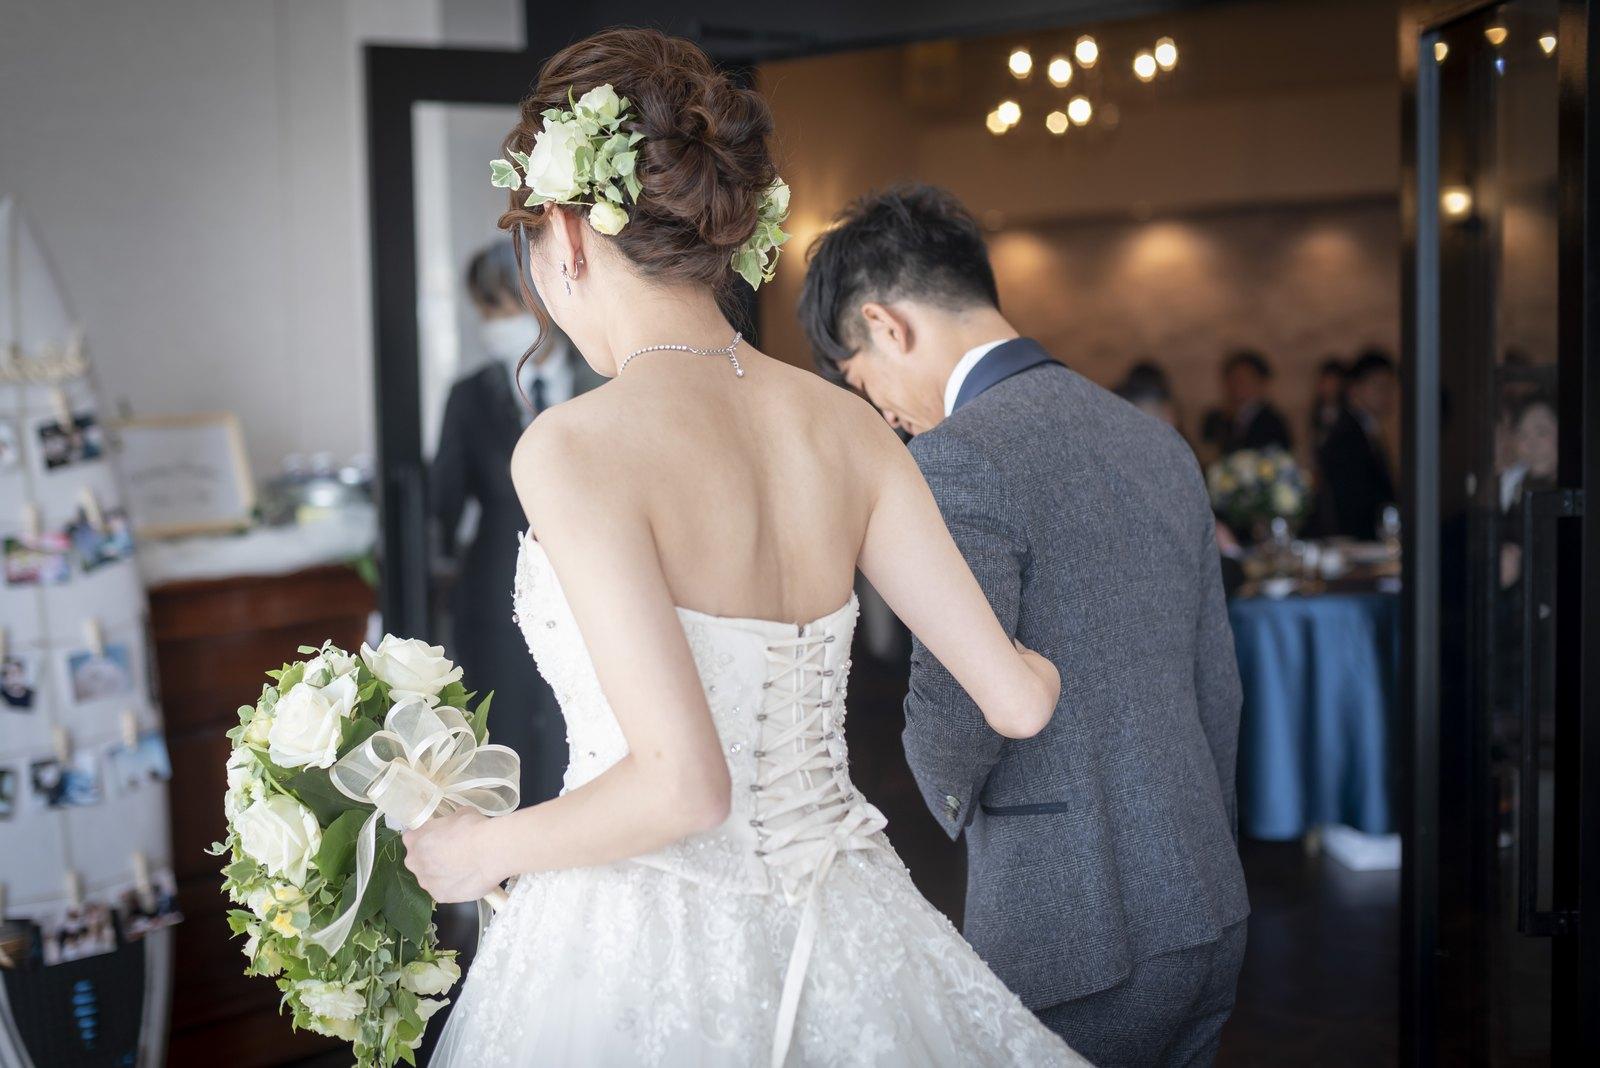 香川県の結婚式場シェルエメール&アイスタイルのウエディングドレス入場